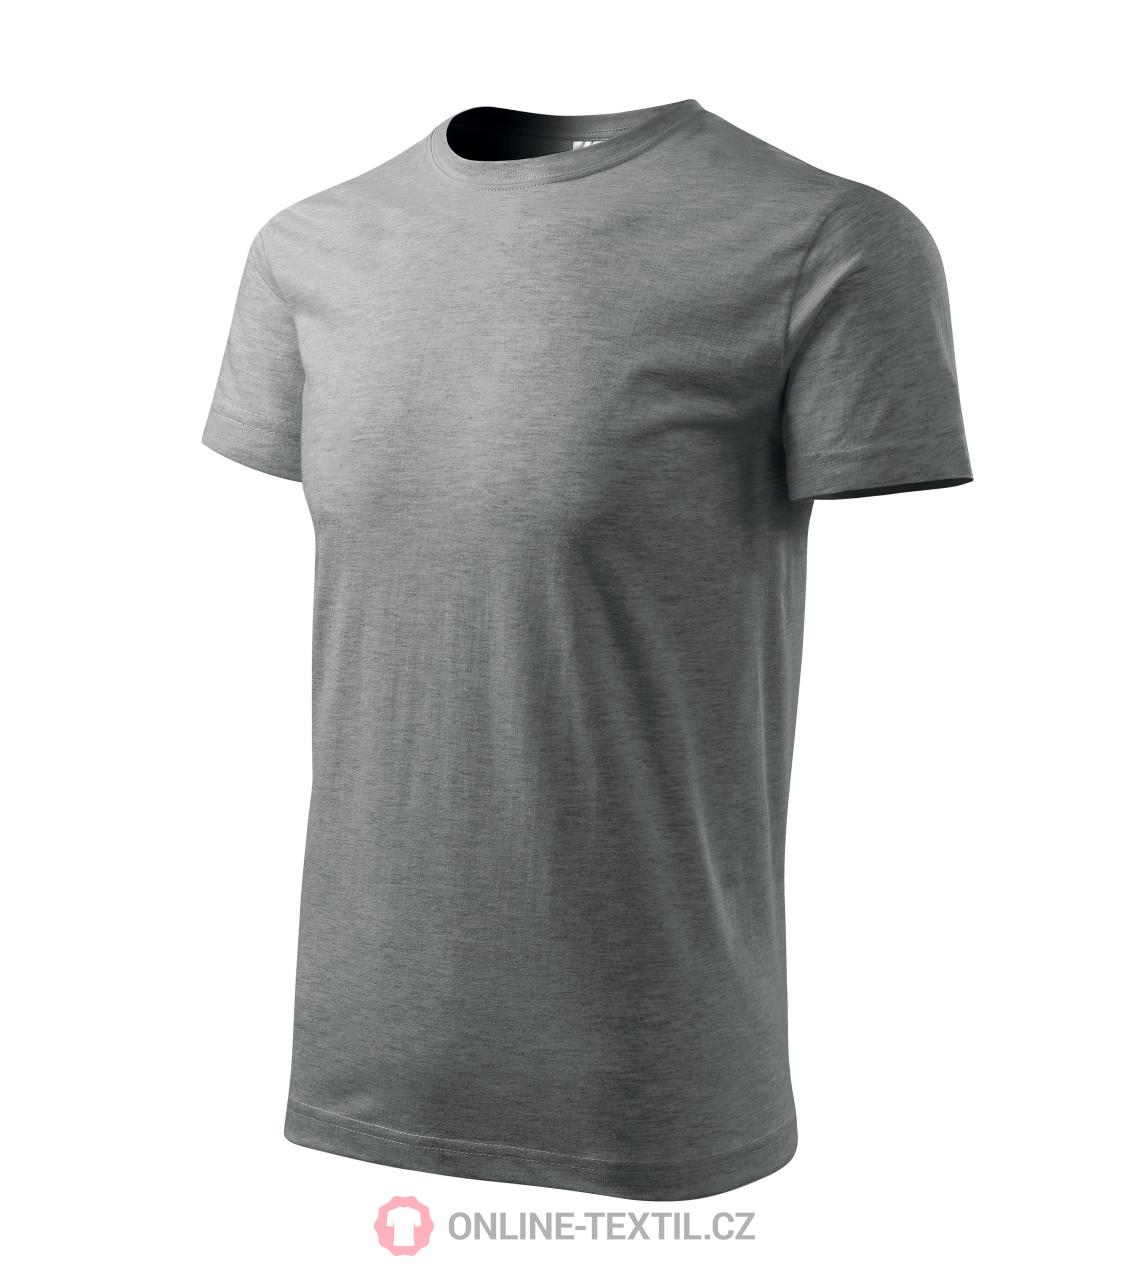 5337f7eb ADLER CZECH Gents T-shirt Basic 129 - dark gray melange from the ...